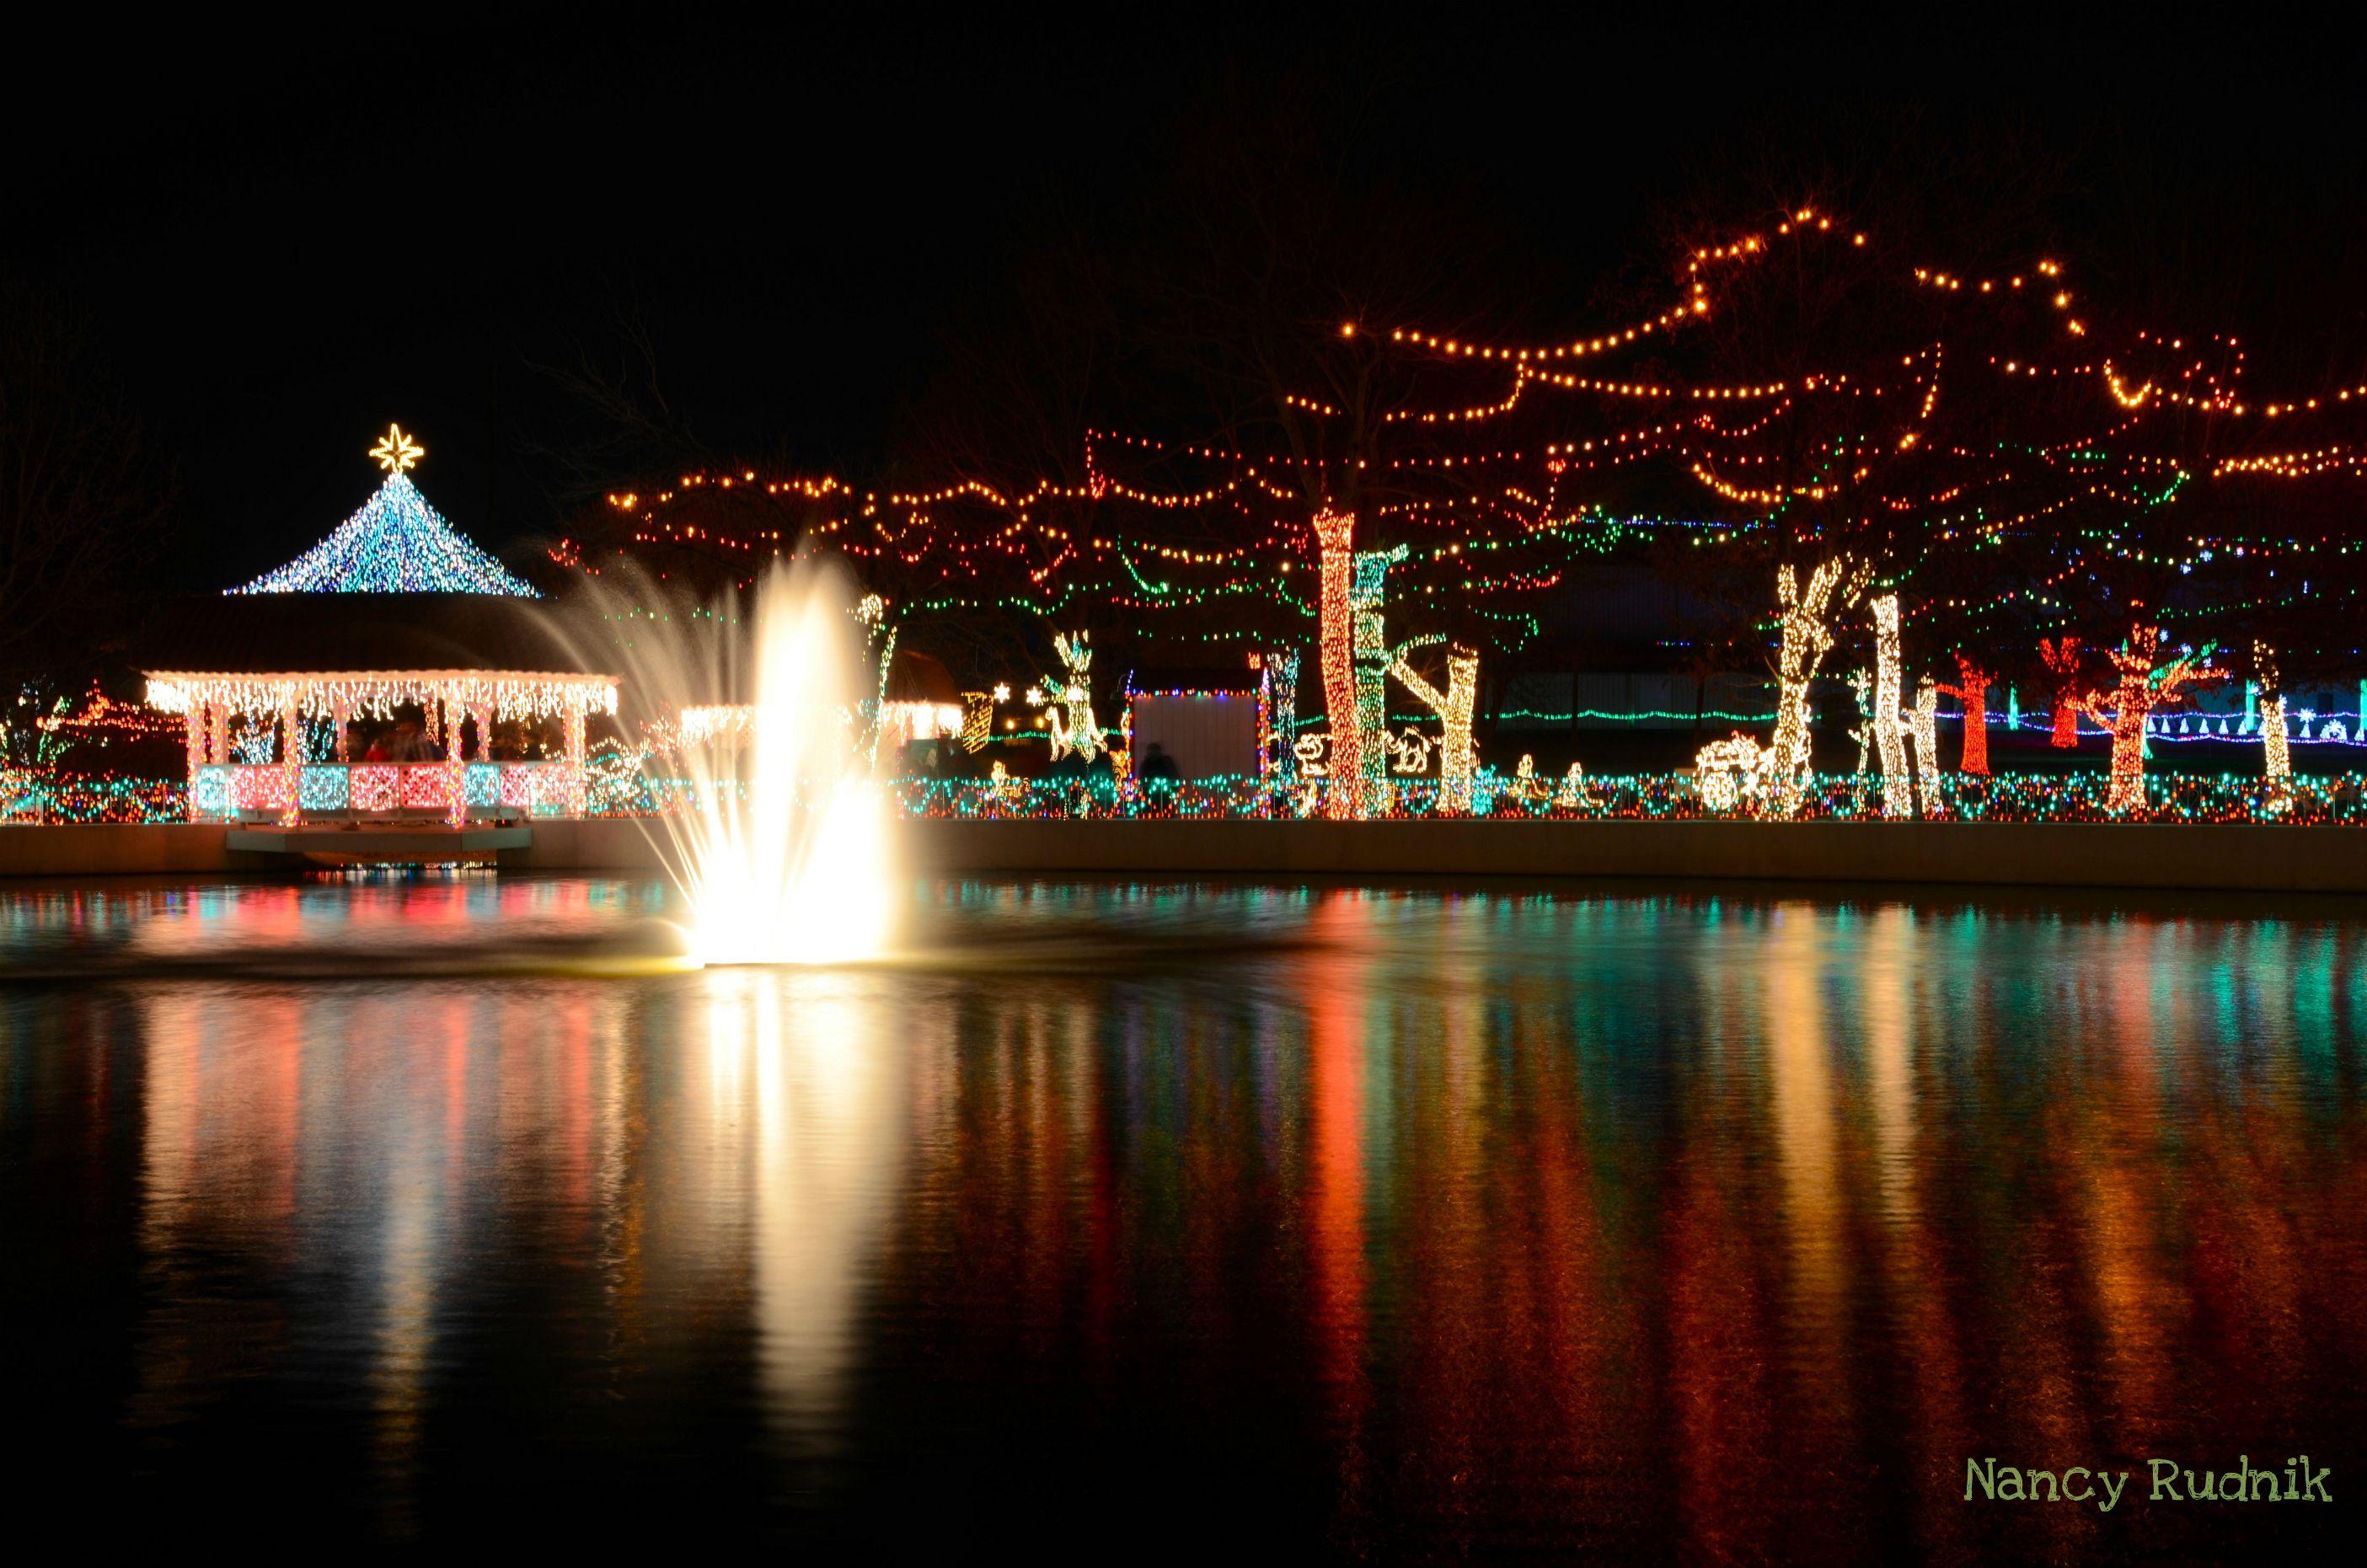 christmas lights display in tulsa oklahoma december 2011 - Christmas Lights Tulsa